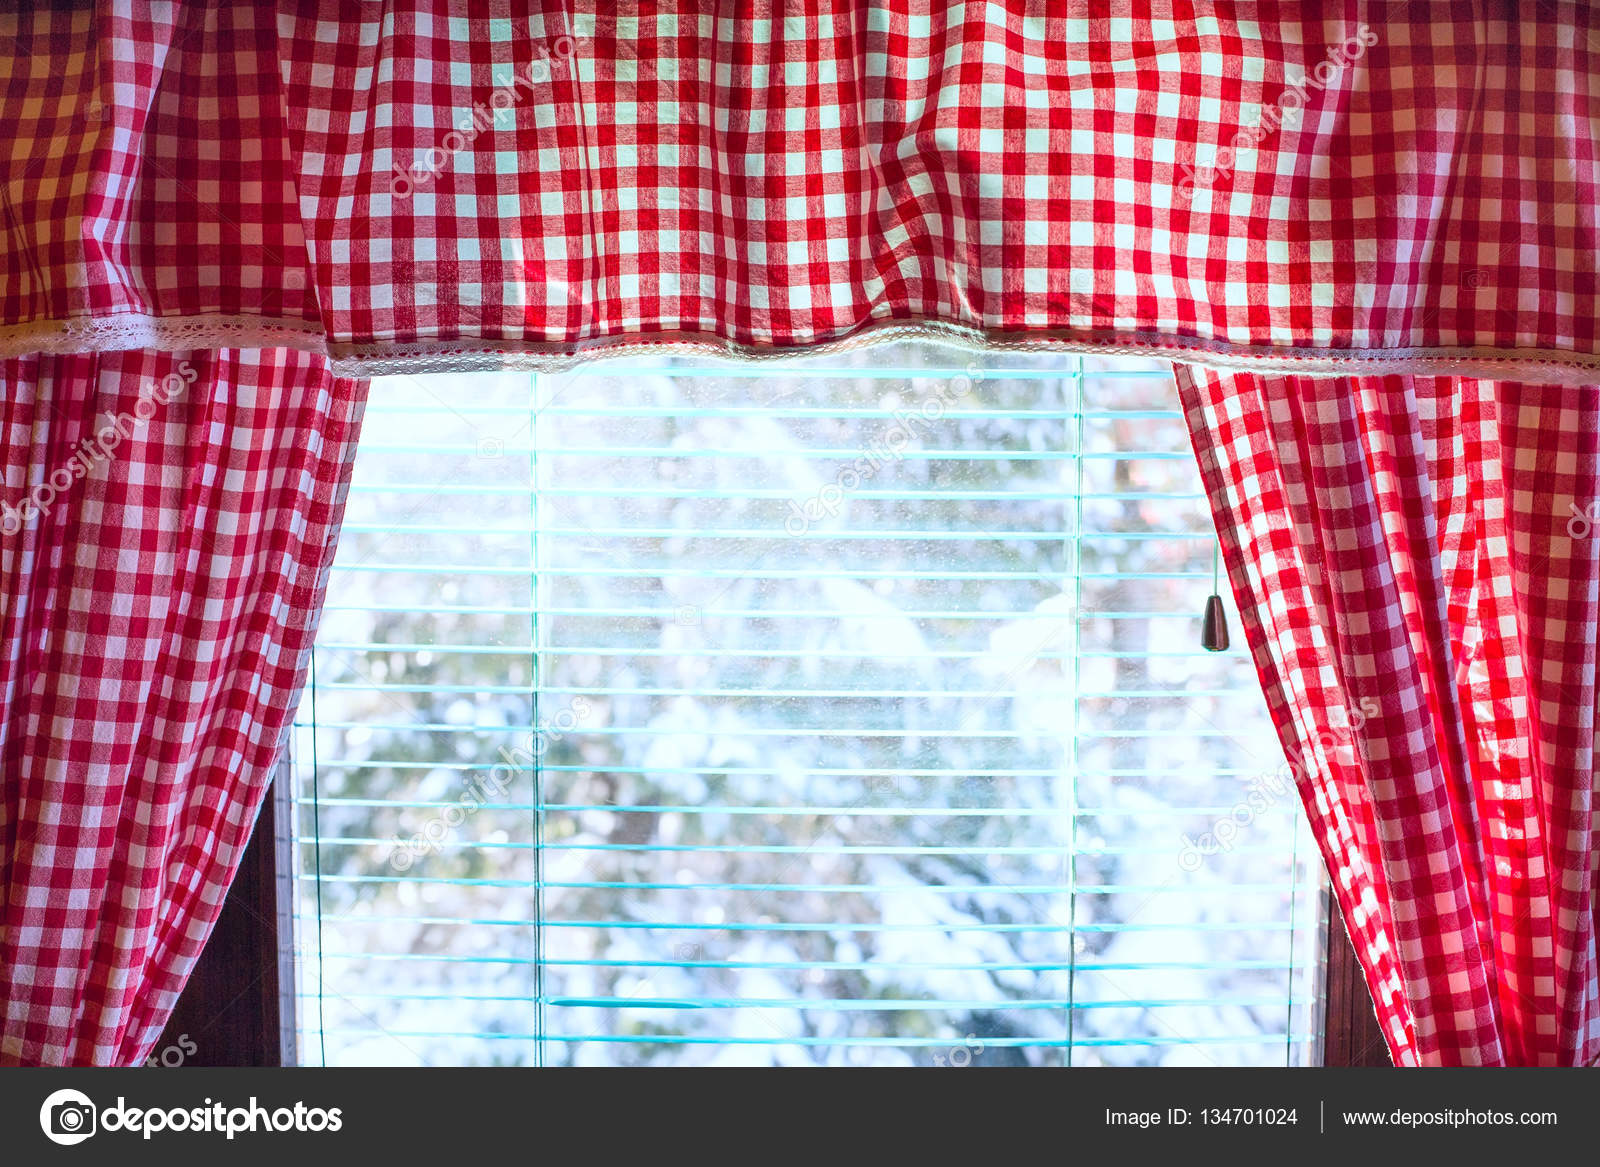 https://st3.depositphotos.com/3200701/13470/i/1600/depositphotos_134701024-stockafbeelding-achtergrond-met-rode-en-witte.jpg